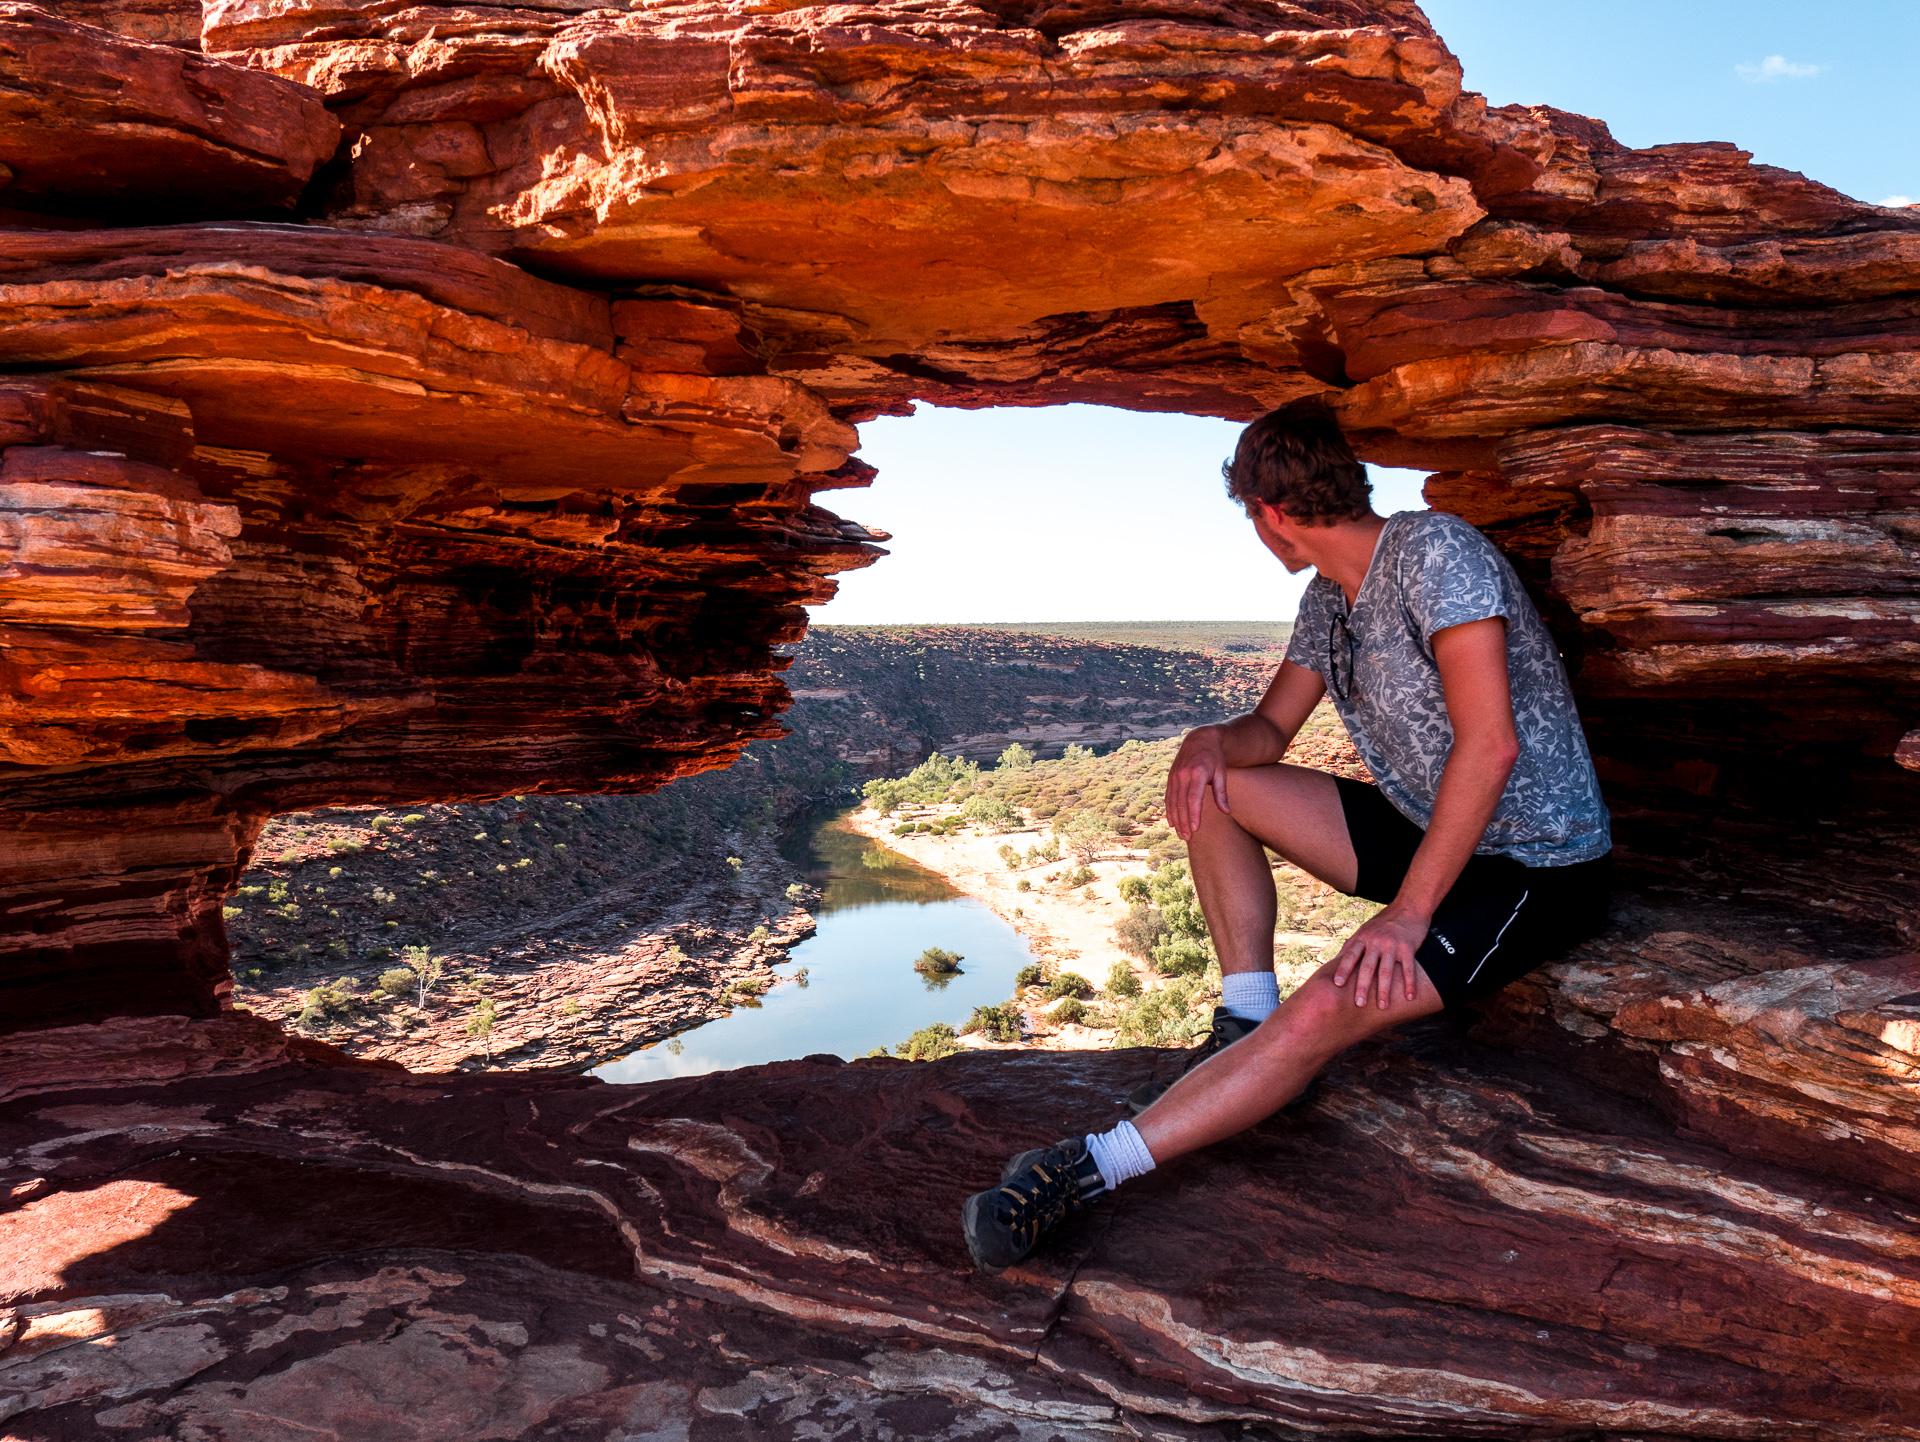 Der Murchison River ist der längste Fluss Western Australias